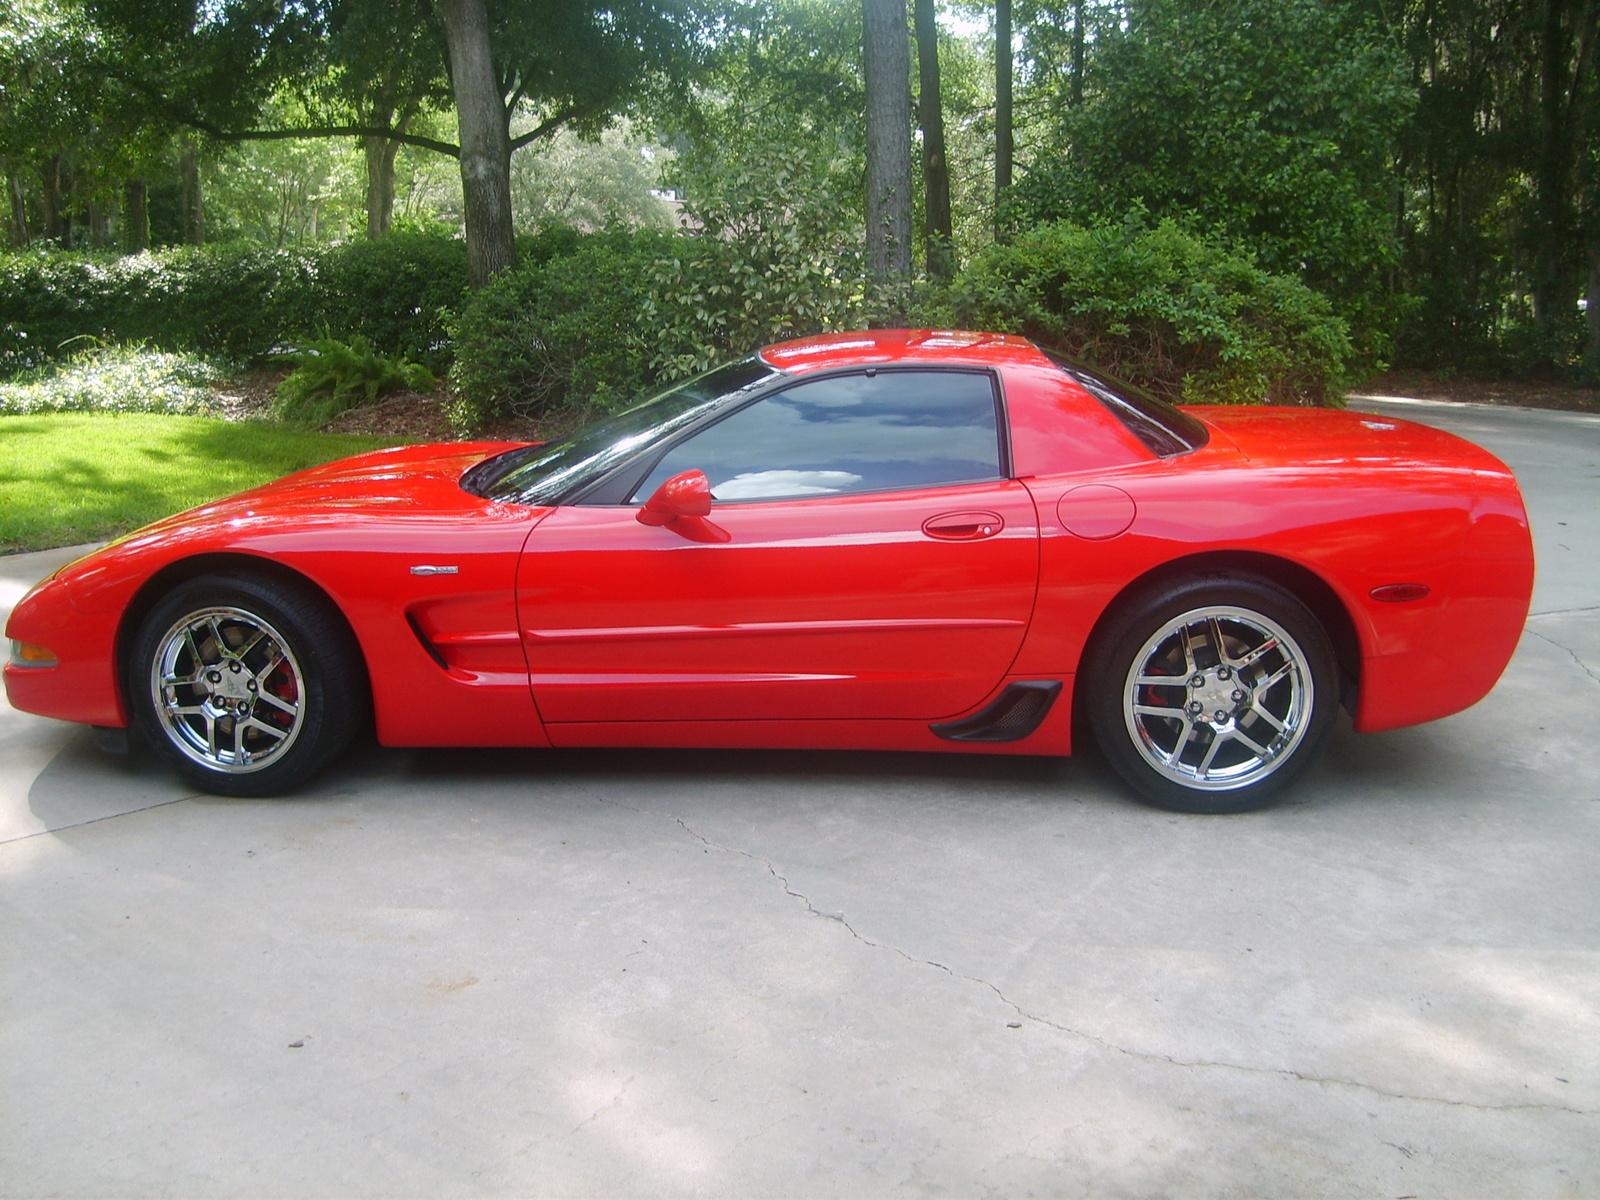 2003 Chevy Corvette Specs - save our oceans